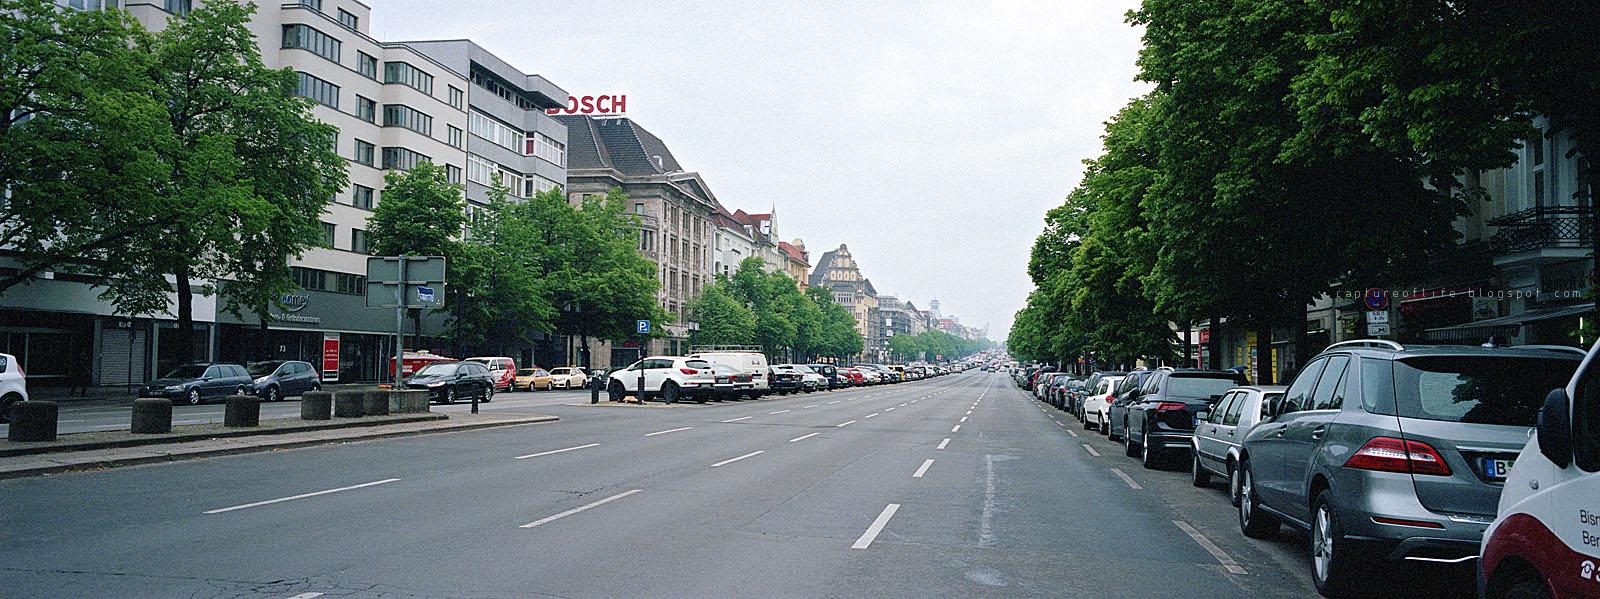 Bismarckstraße, Berlin